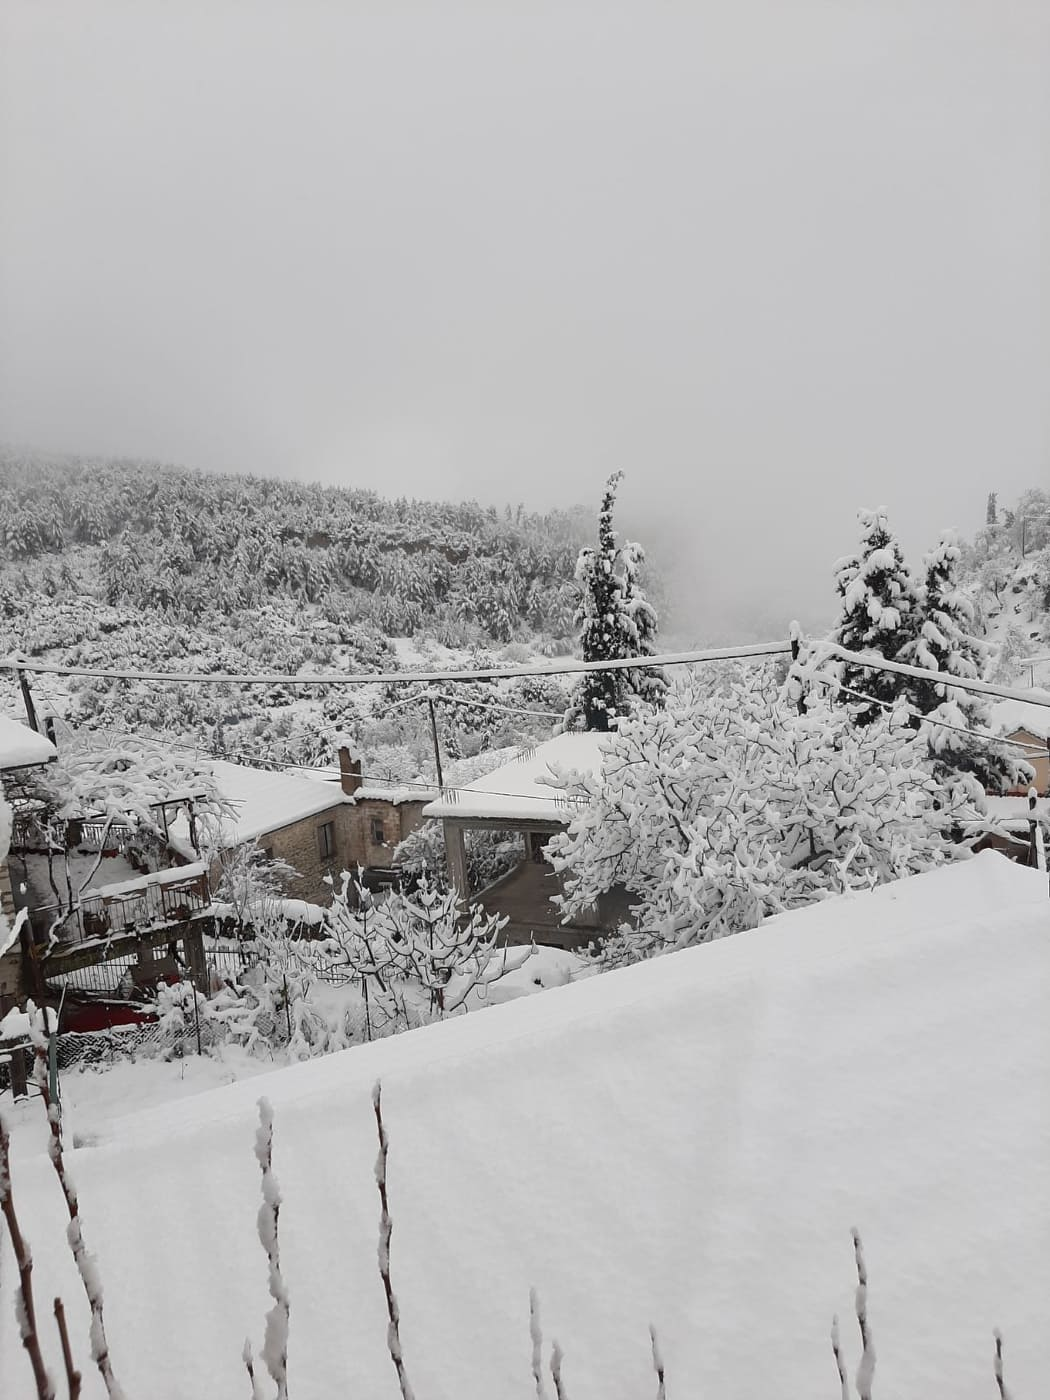 Χιονισμένα Καλάβρυτα